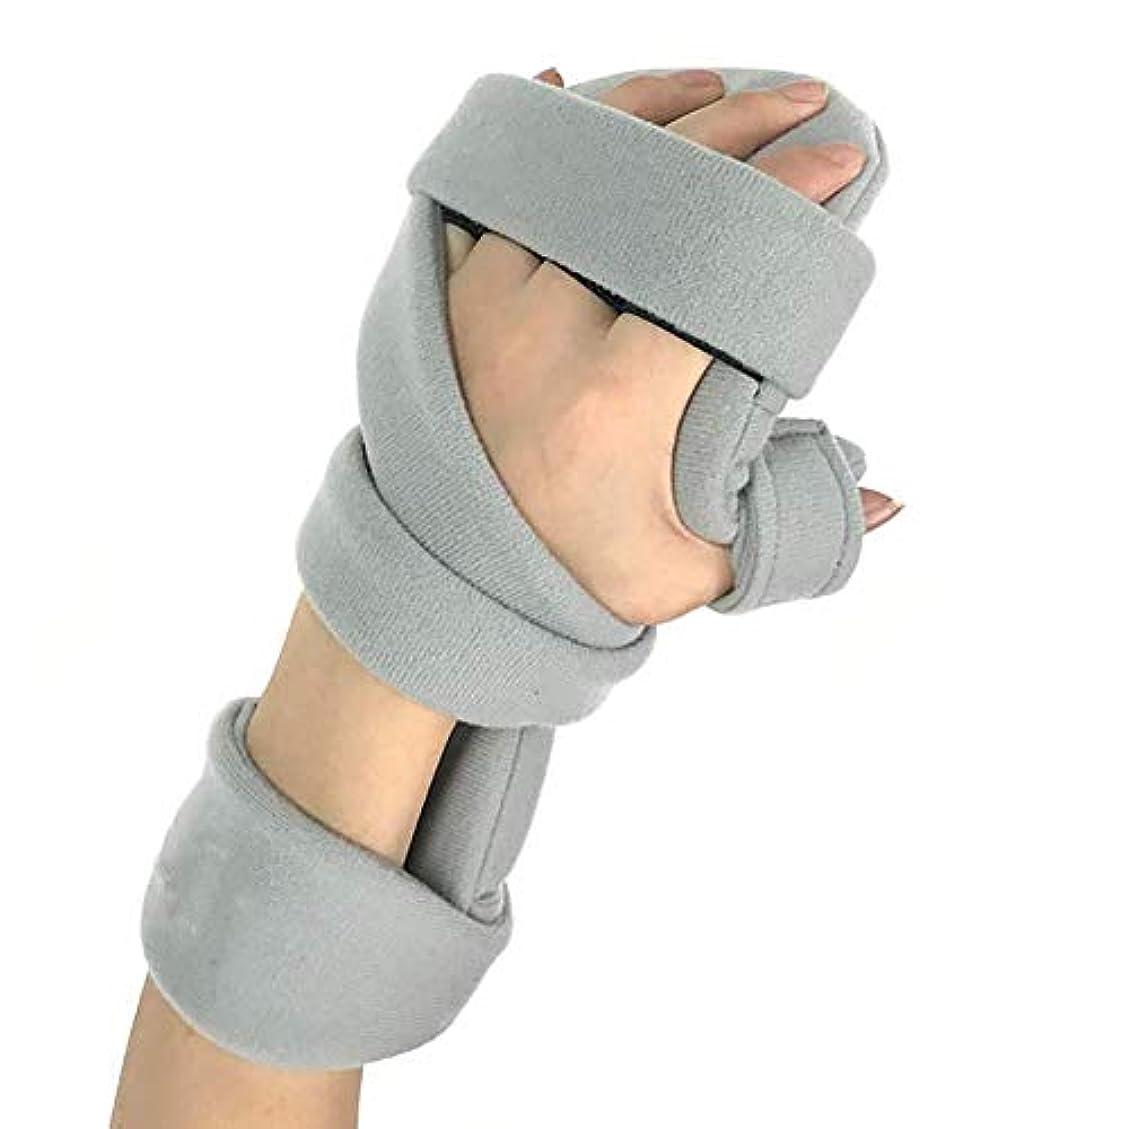 振動させる緊張するマイクロ指の怪我のサポート、脳卒中片麻痺患者のリハビリテーションツール支援の指の副木手袋,Right Hand